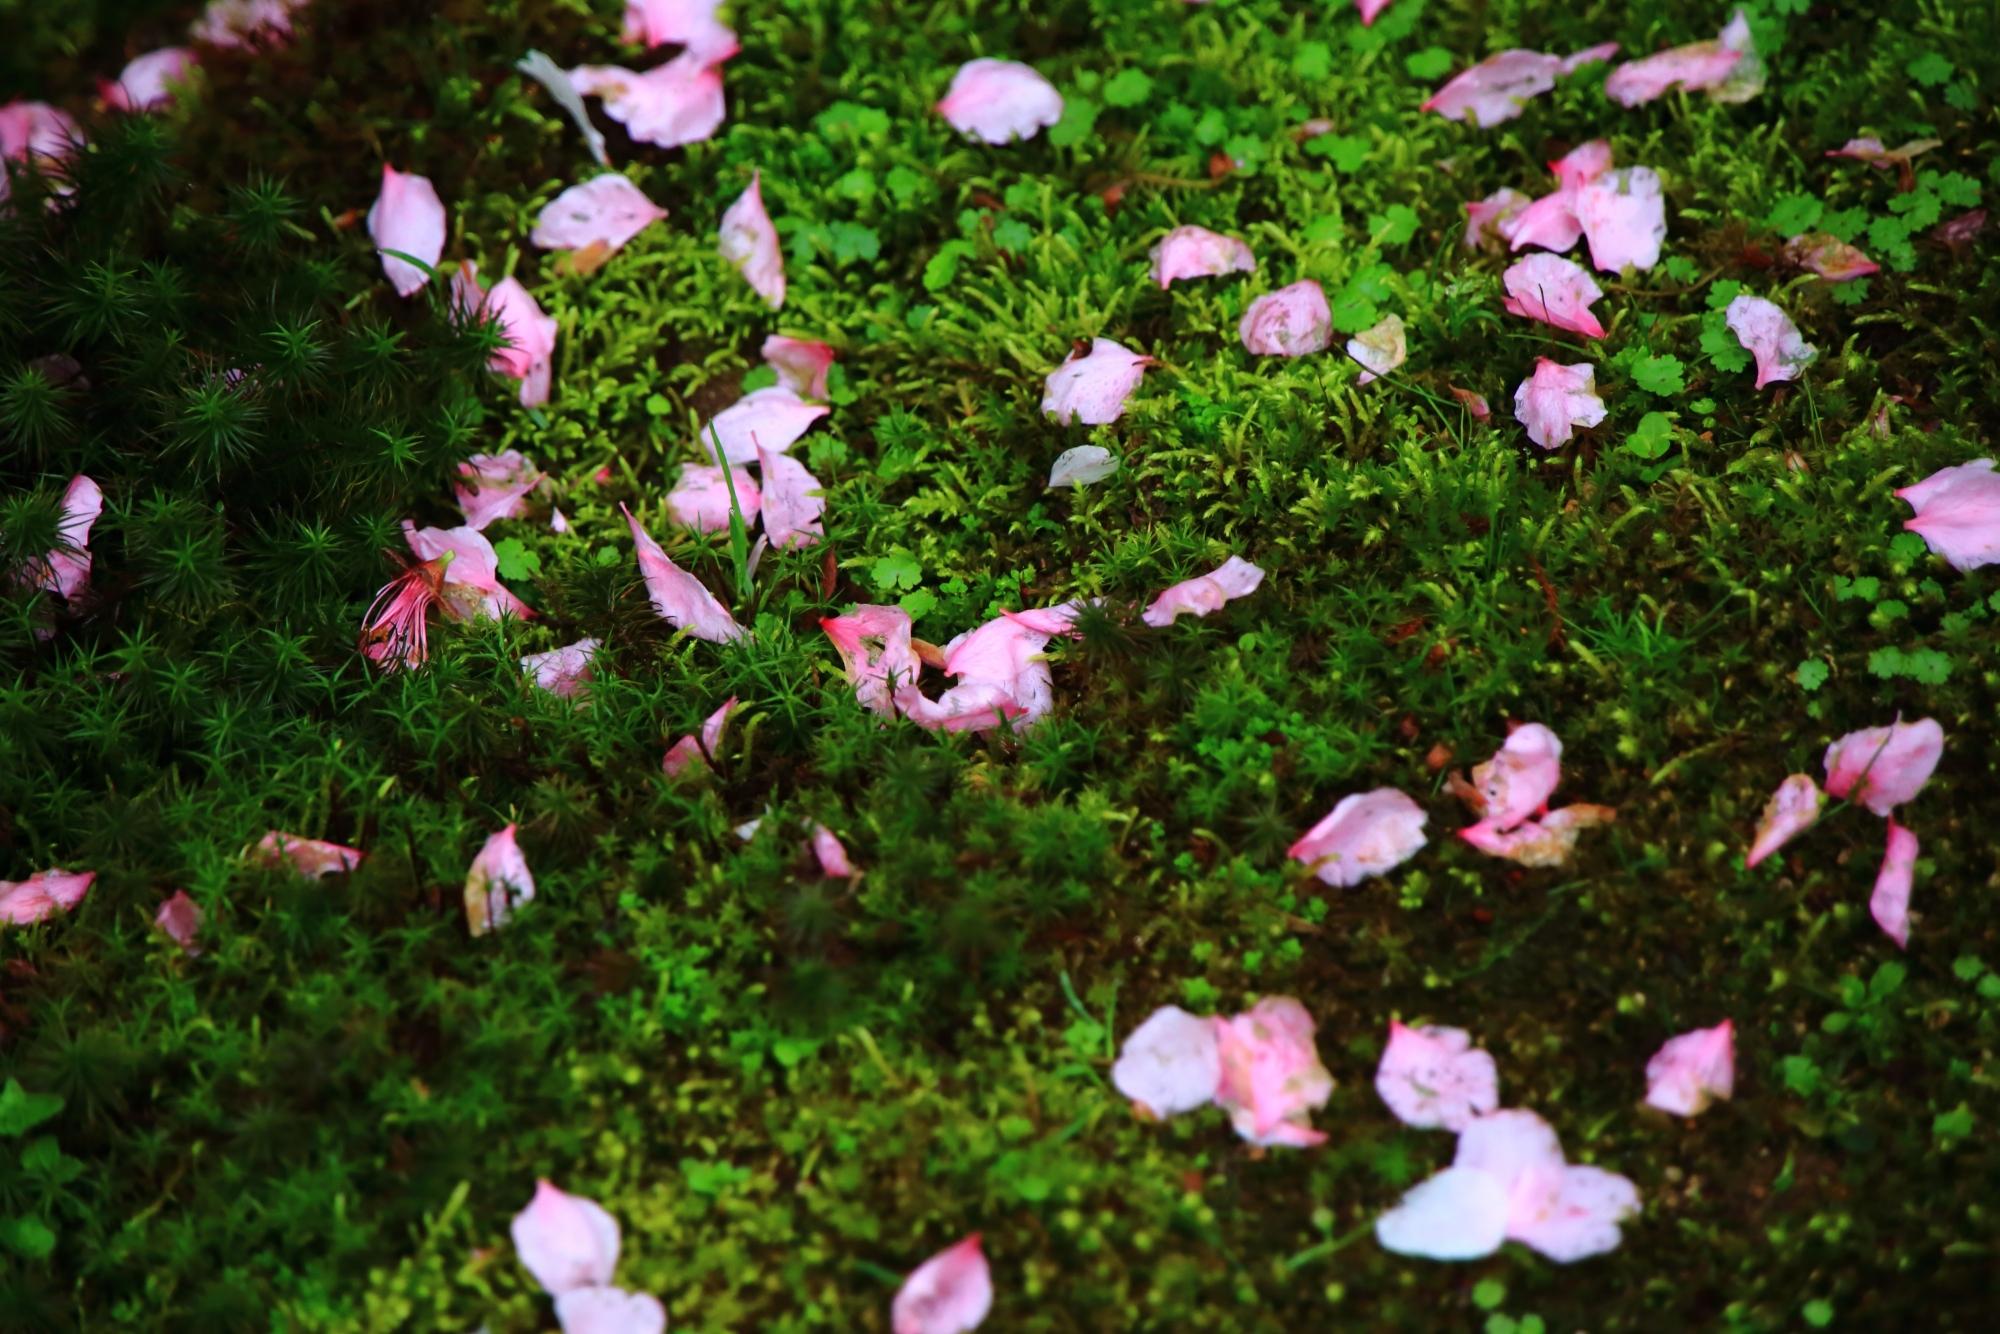 様々な散り方をする散り桜